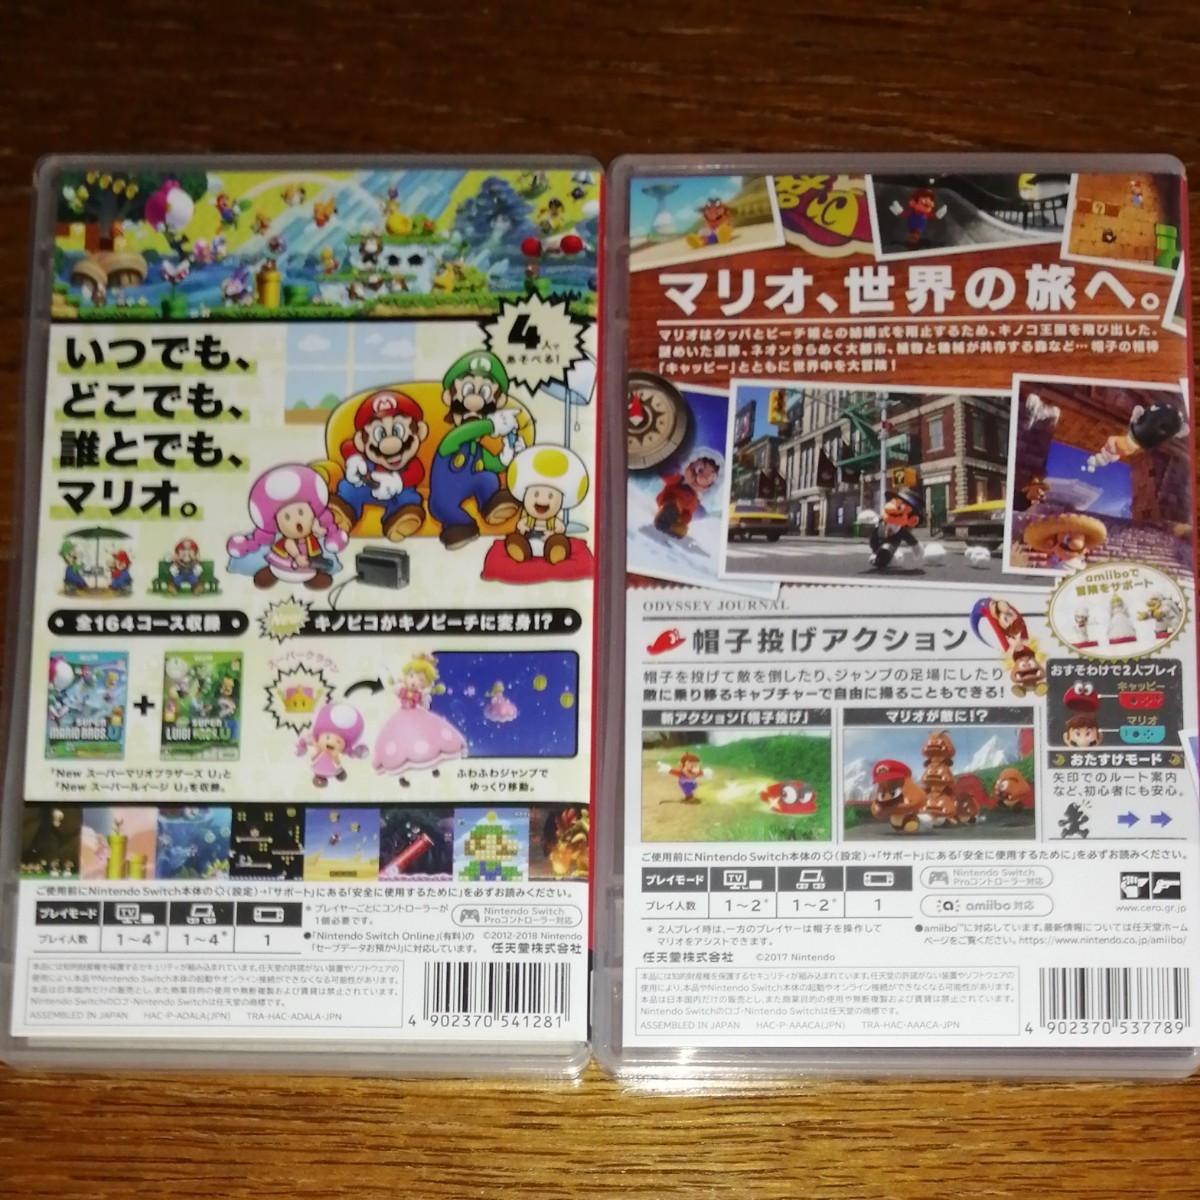 NewスーパーマリオブラザーズU デラックス&スーパーマリオオデッセイ セット Nintendo Switch